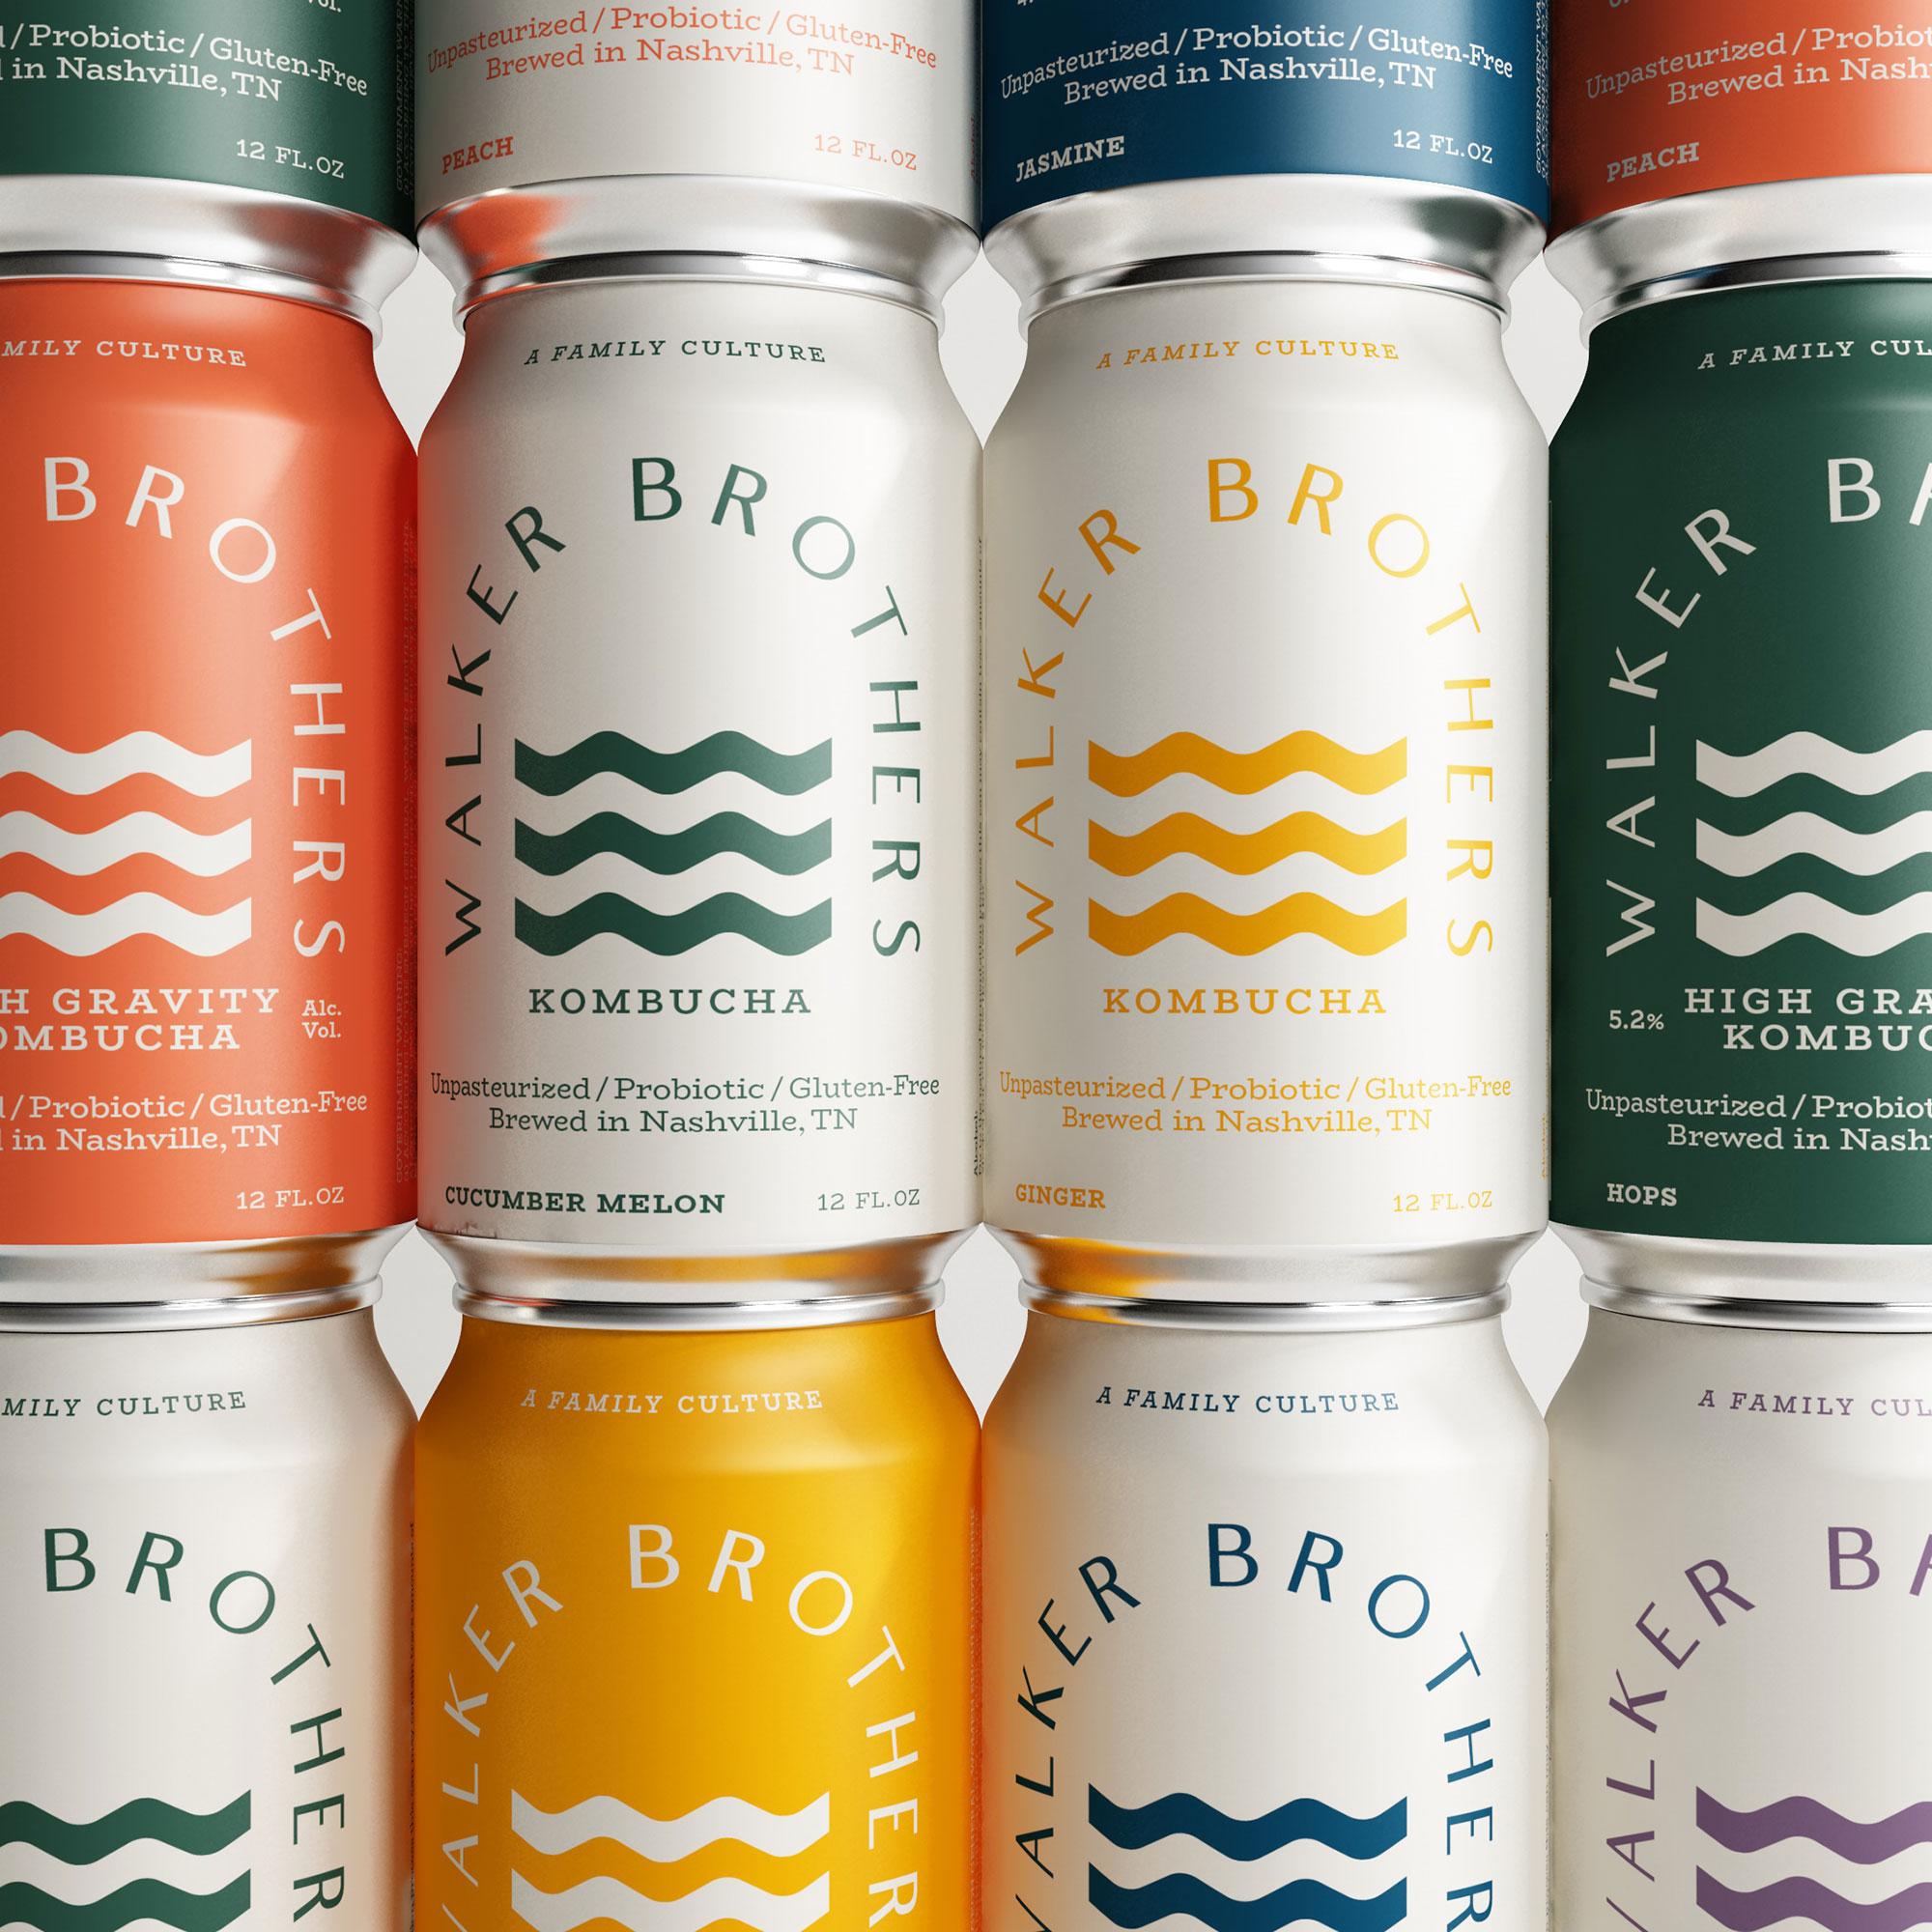 Walker Brothers    Branding—Packaging